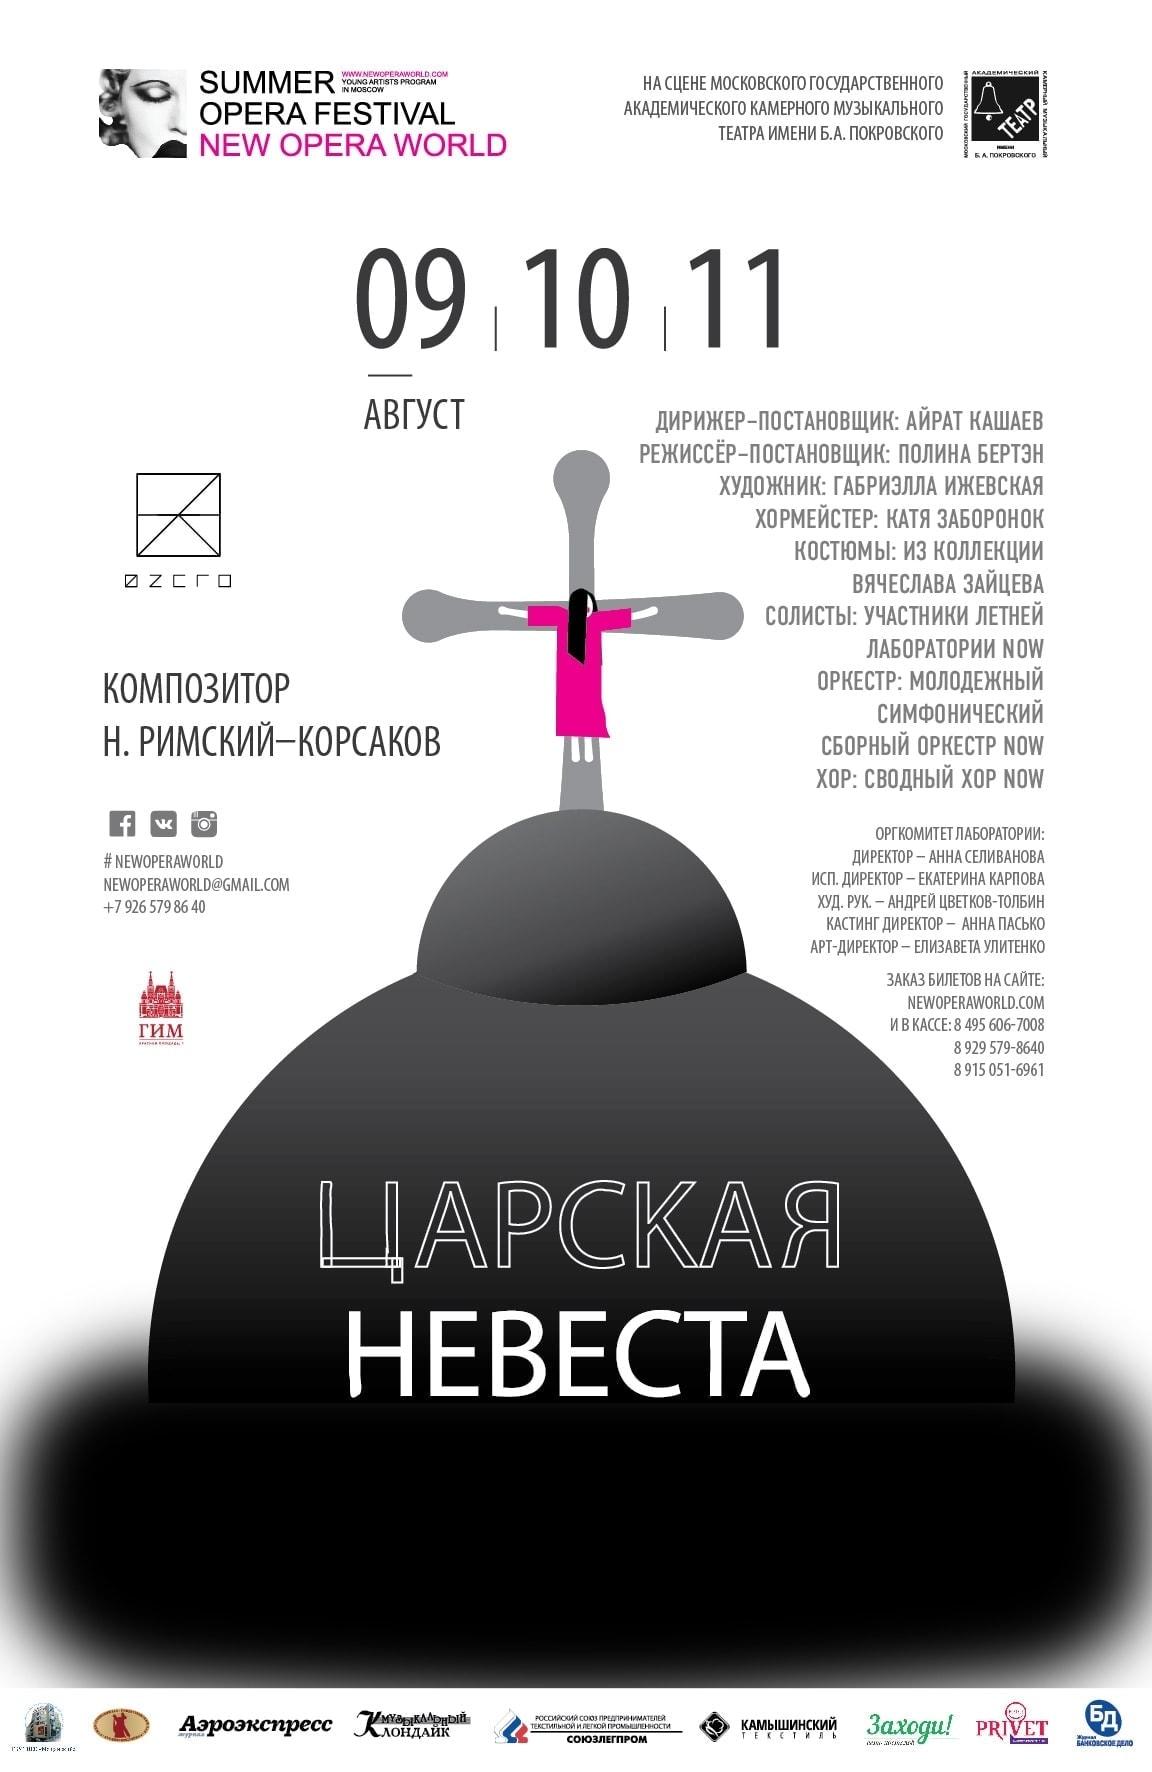 Опера ставится в рамках летней сессии Лаборатории New Opera World